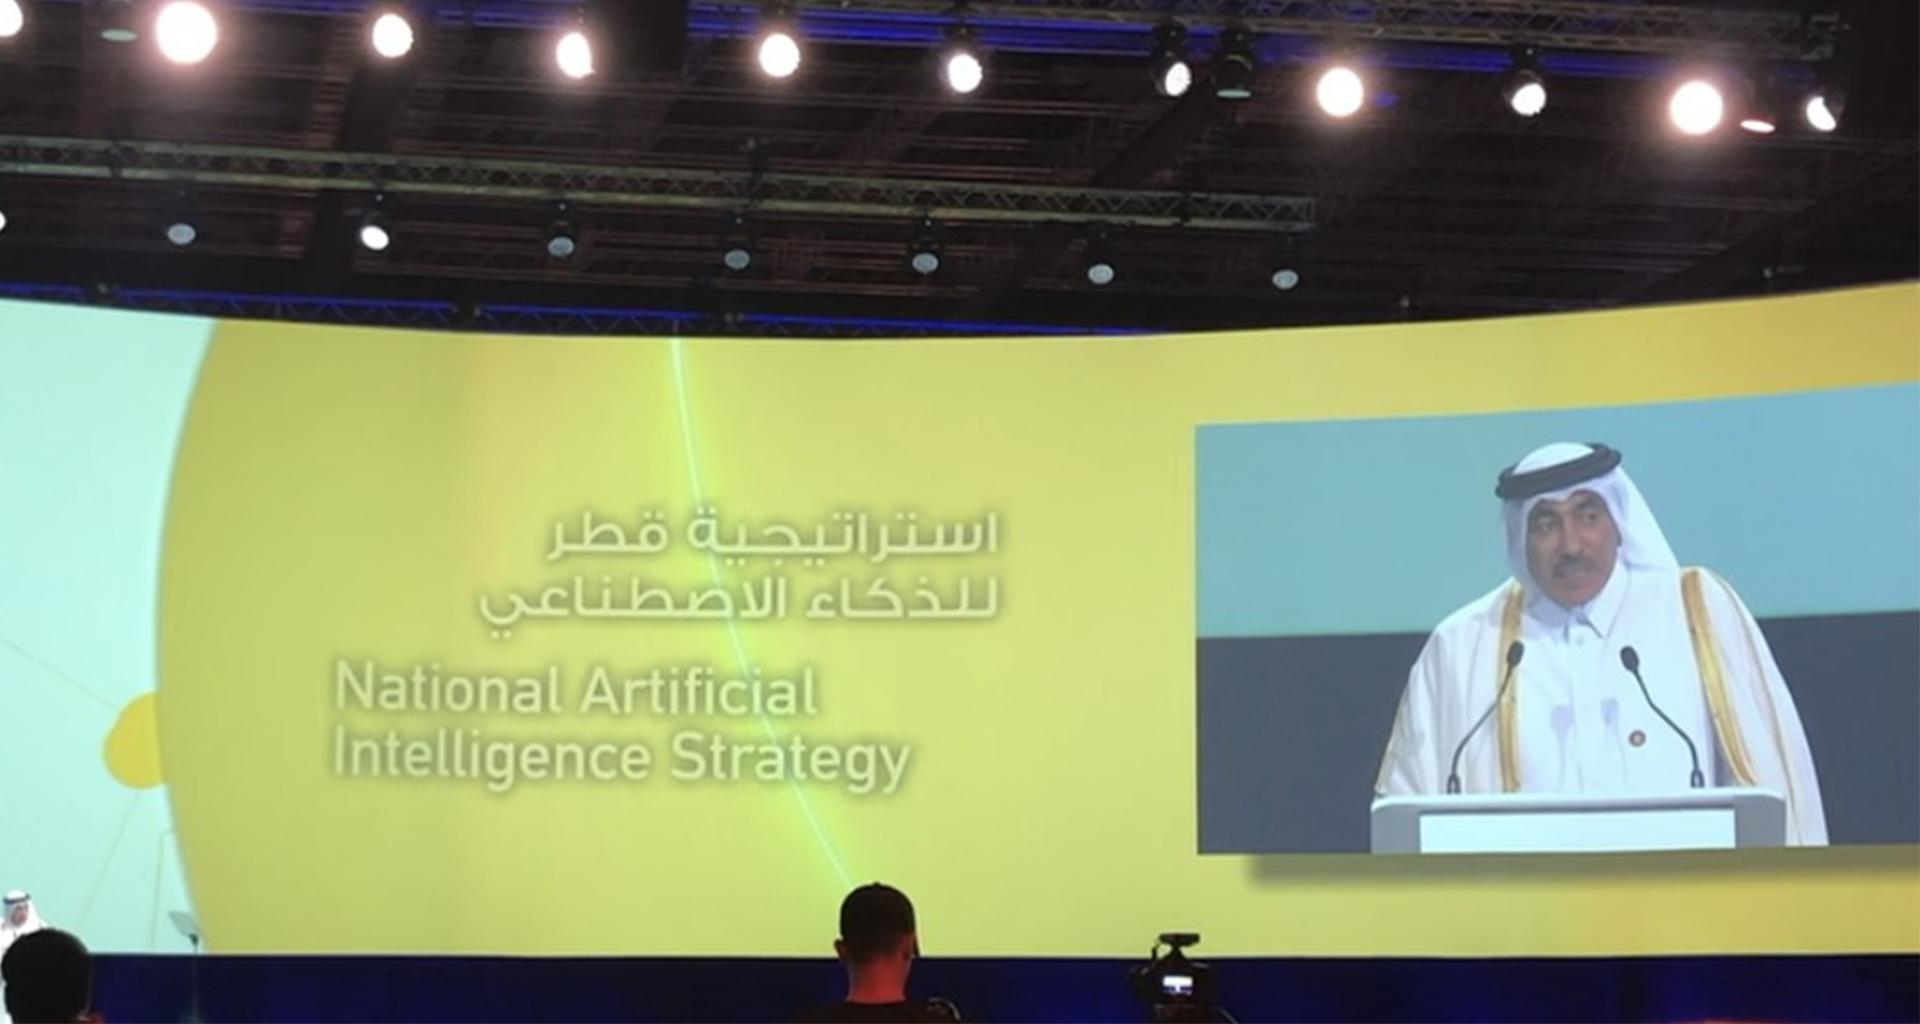 وزير المواصلات والاتصالات يعلن عن استراتيجية قطر الوطنية للذكاء الاصطناعي التي طورها معهد قطر لبحوث الحوسبة